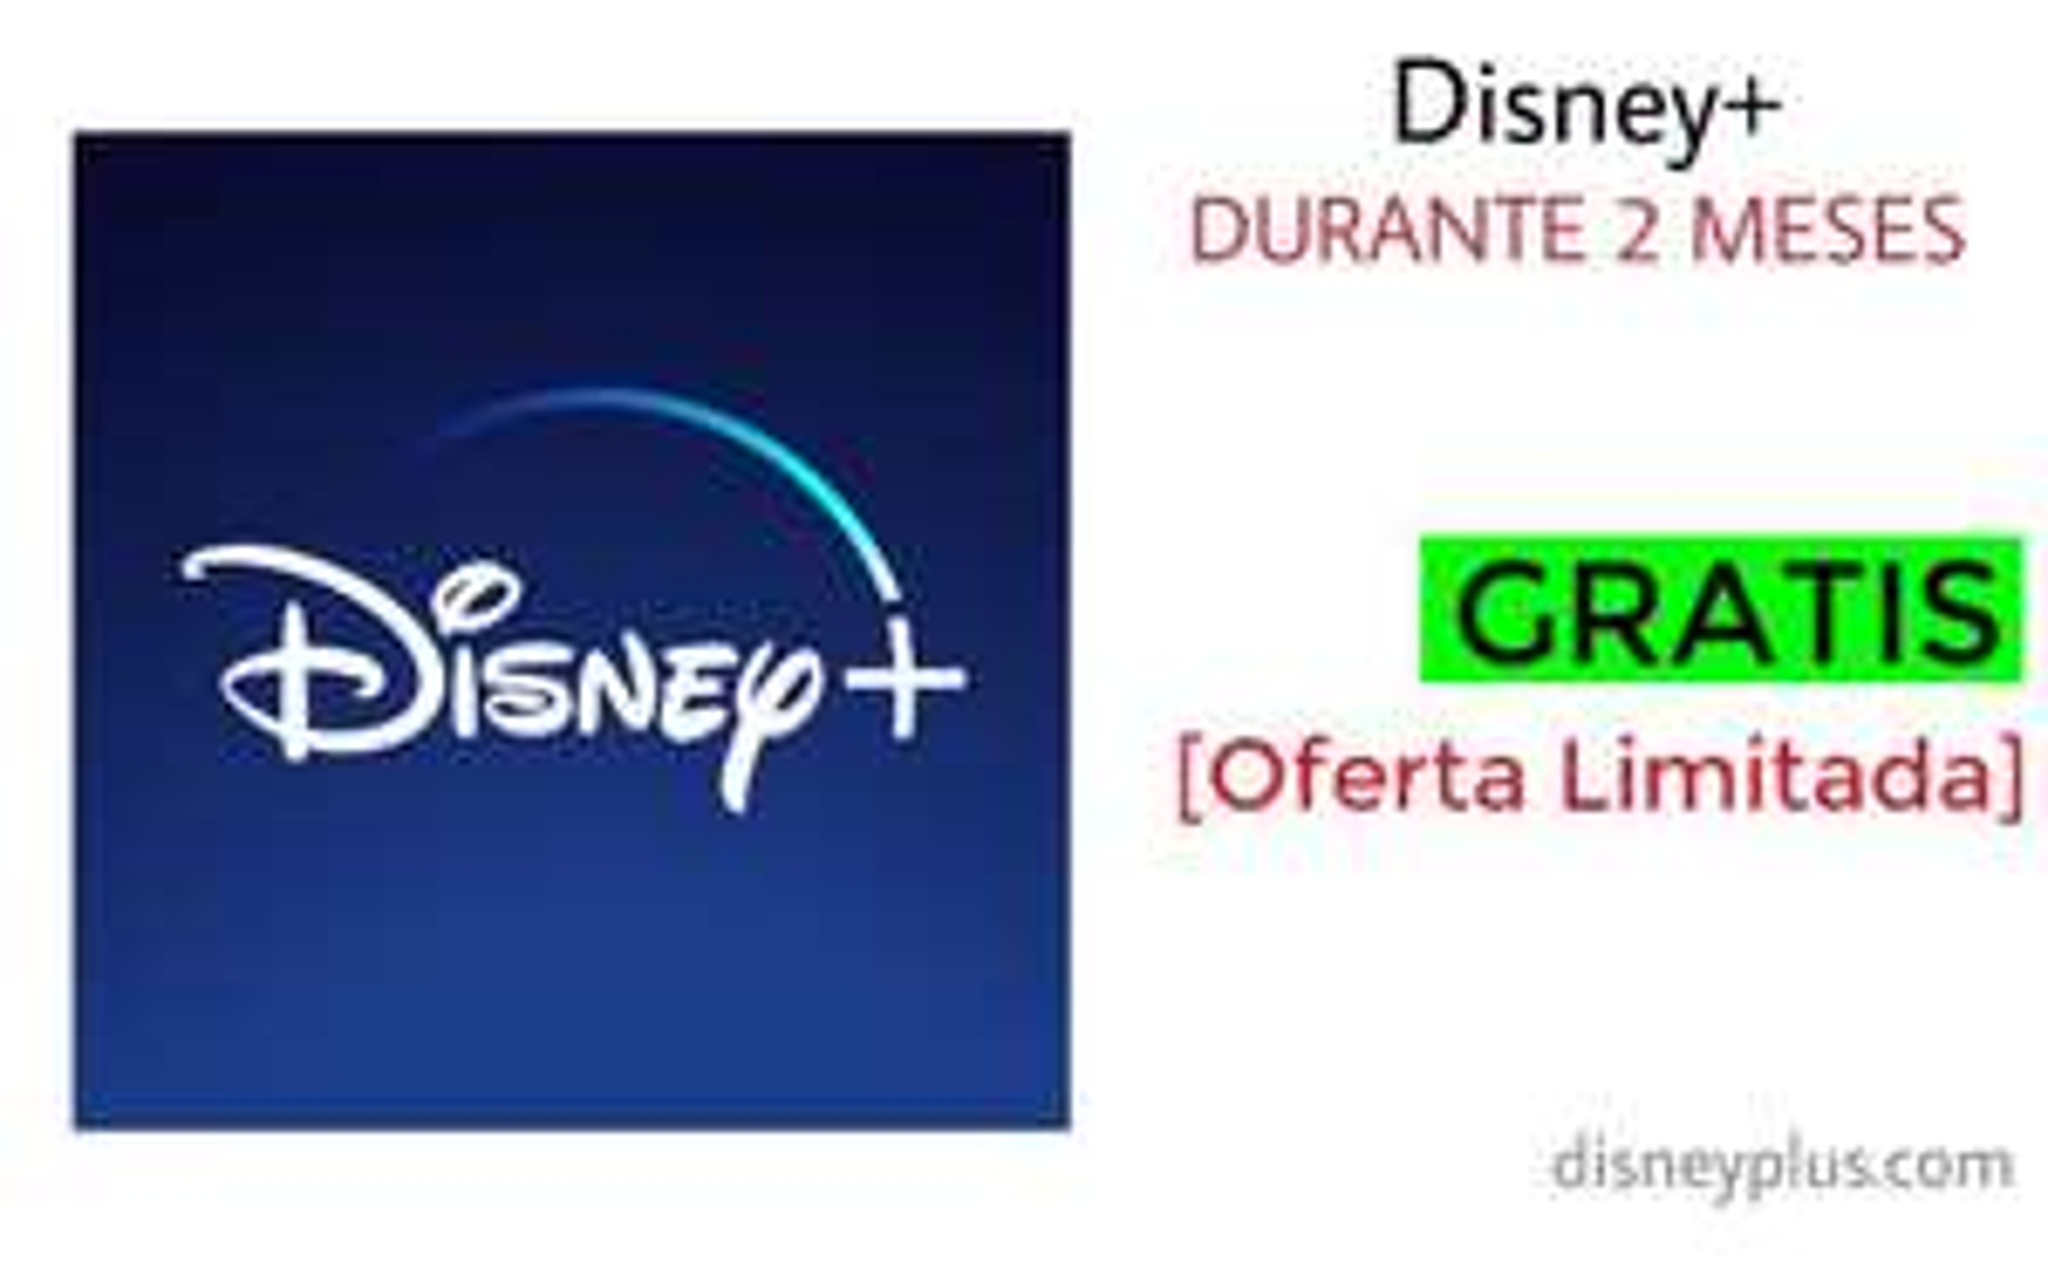 Disney+: GRATIS 2 SEMANAS (Se necesita VPN - Holanda)